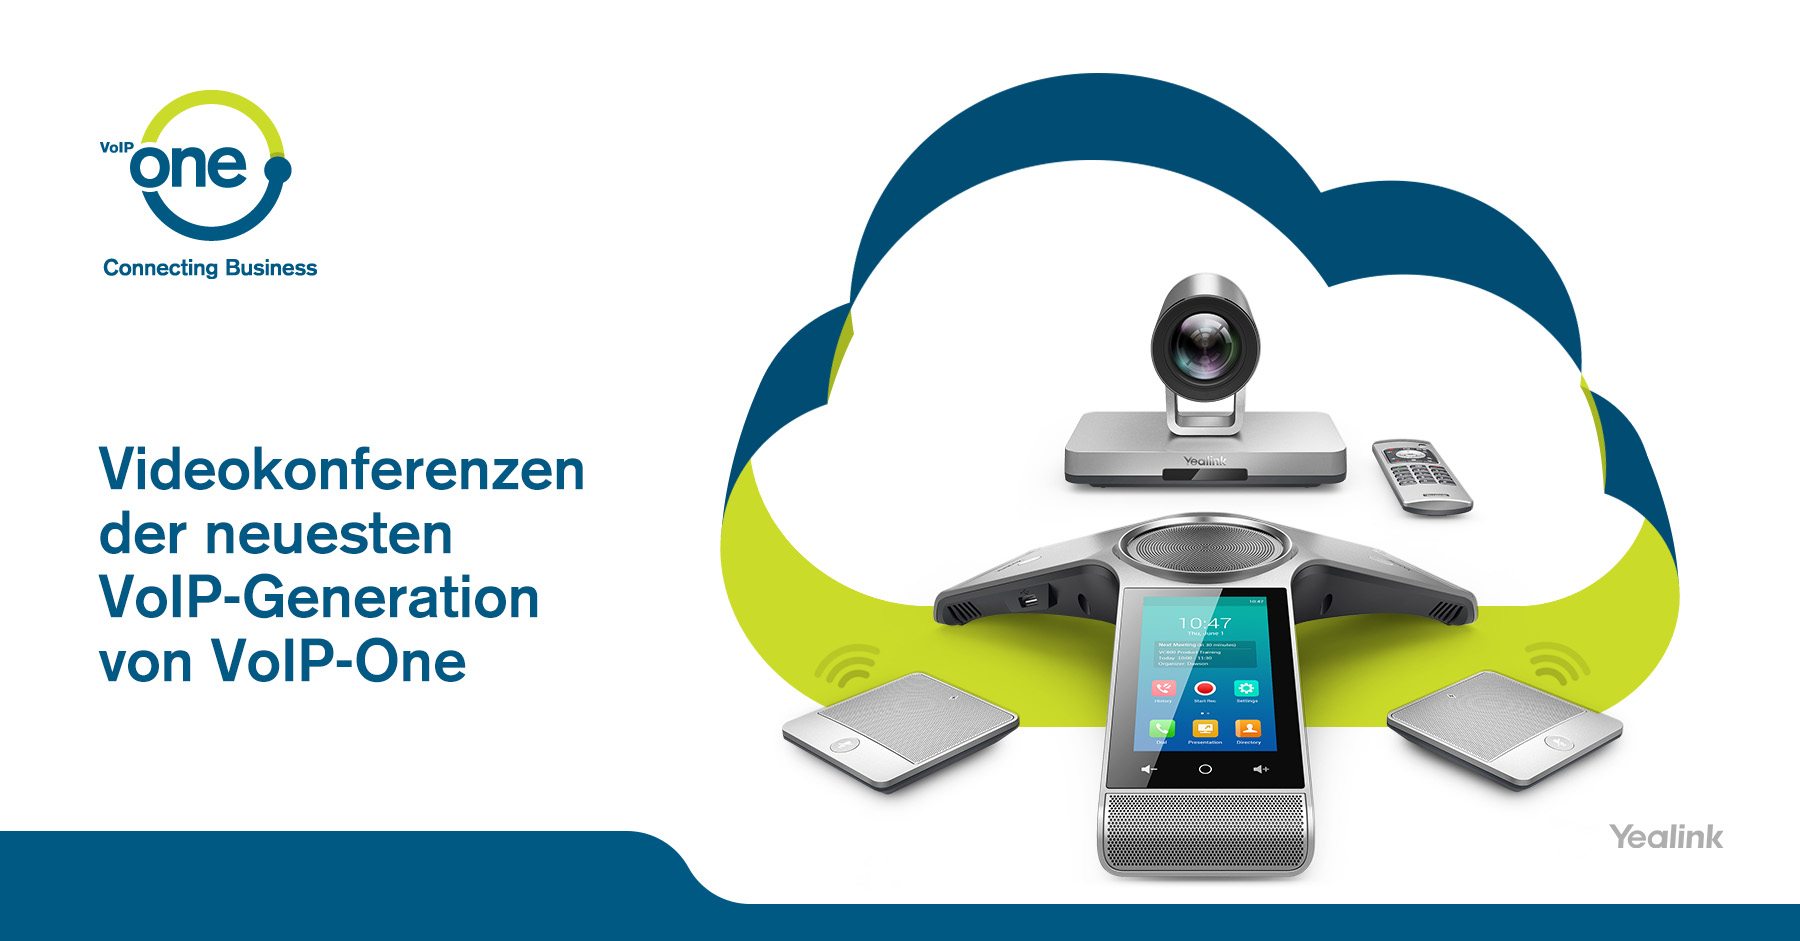 Videokonferenzen der neuesten VoIP-Generation von VoIP-One